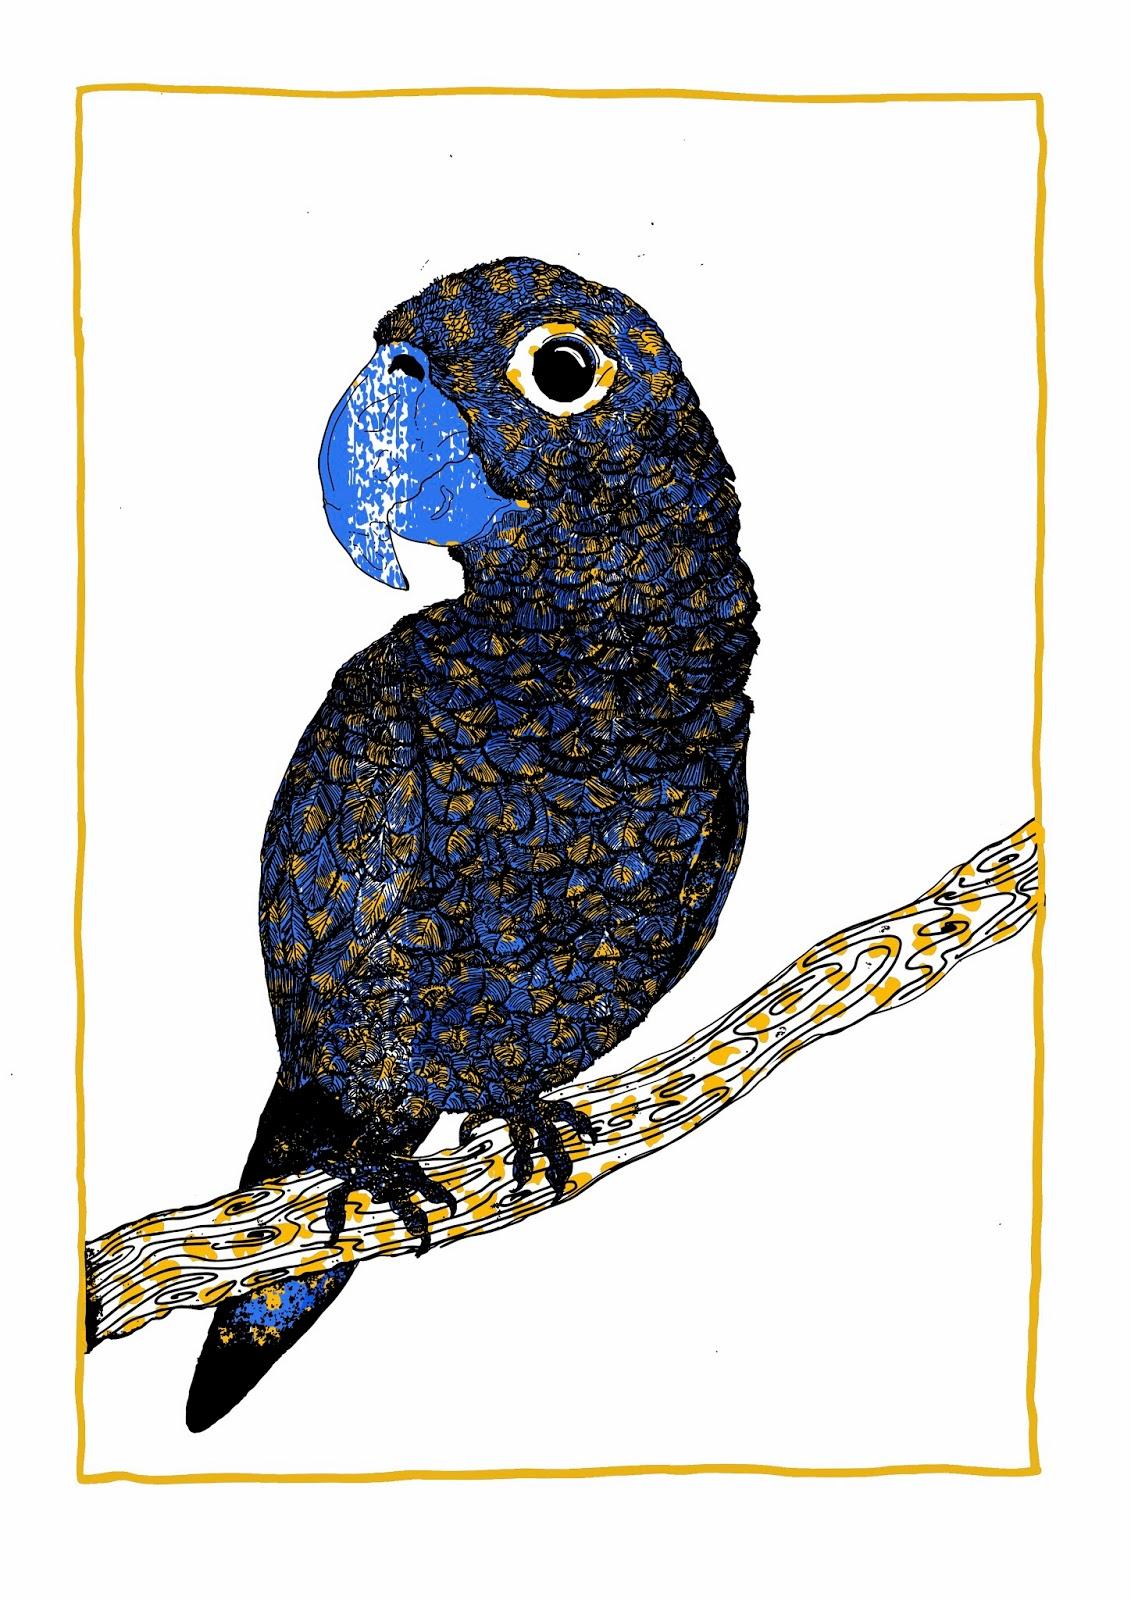 Pulling Prints: A little bit of parrot magic